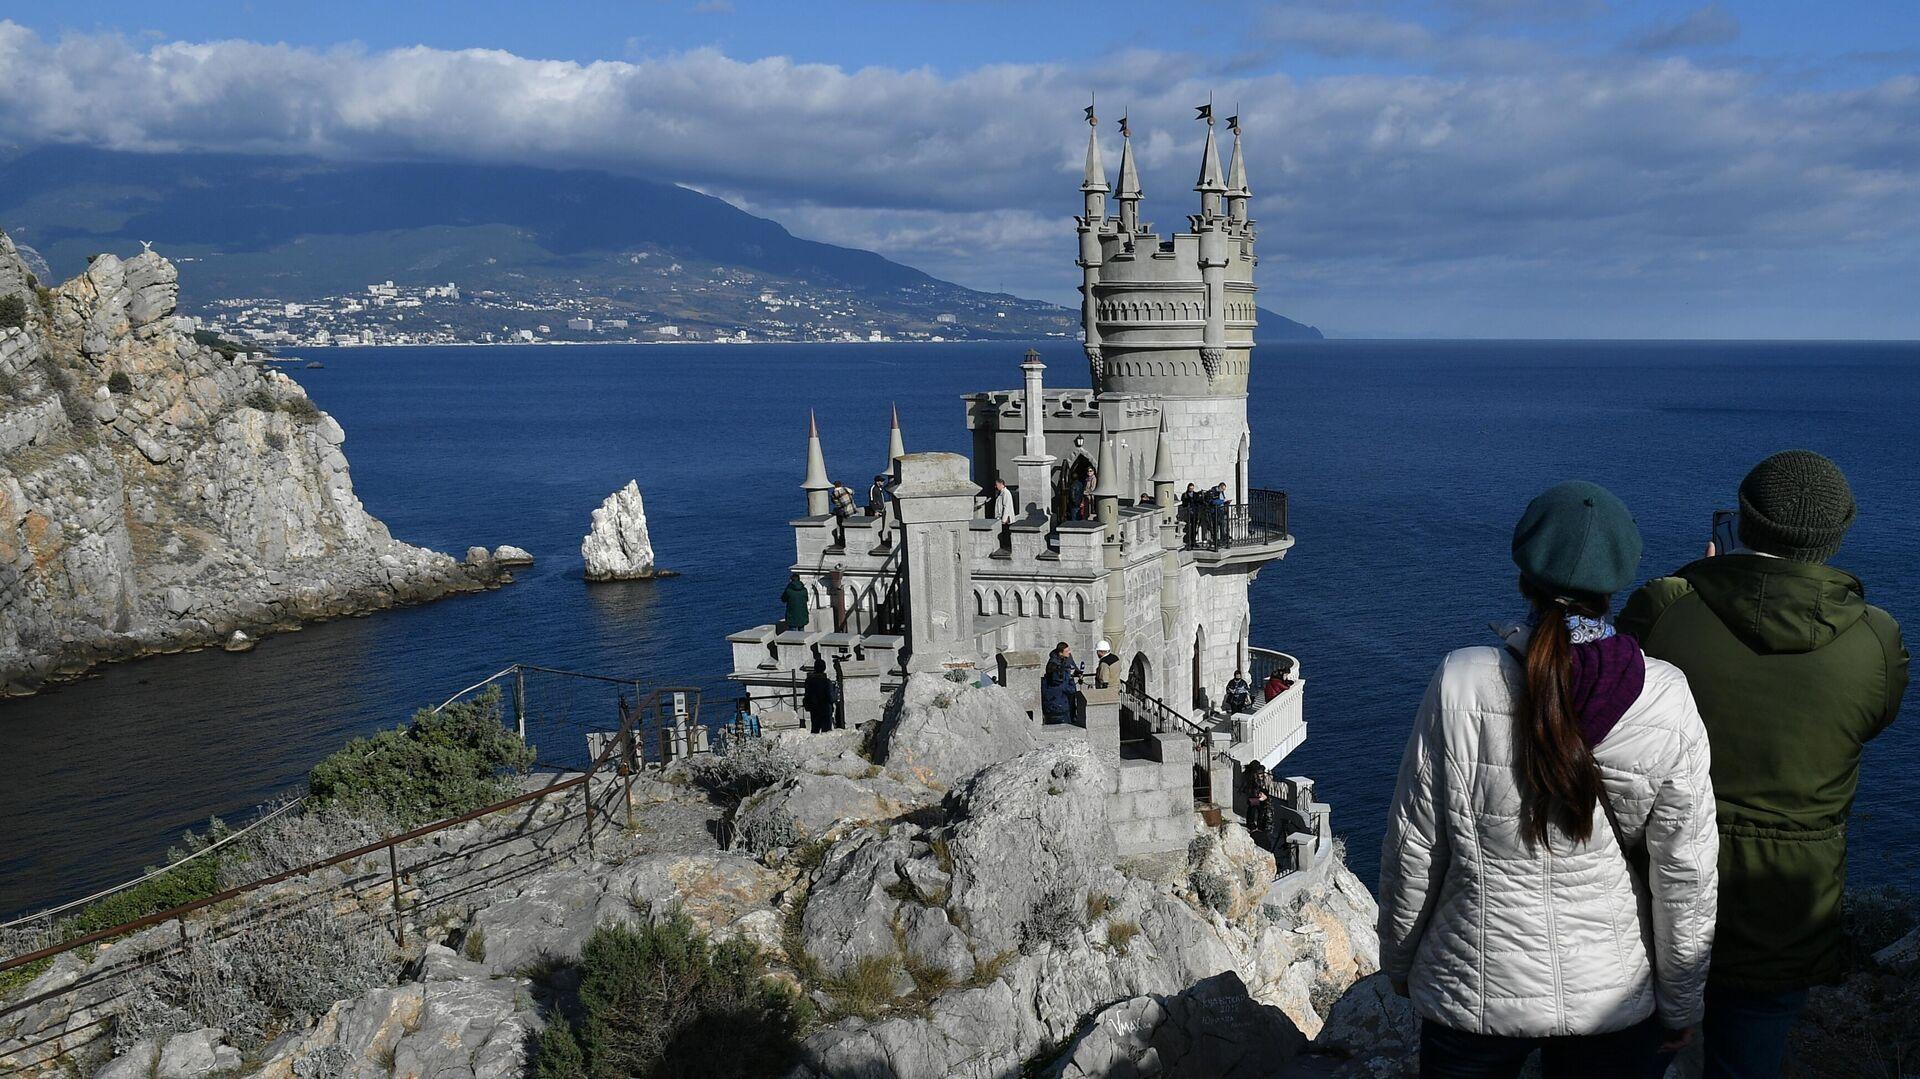 Дворец-замок Ласточкино гнездо в Крыму - РИА Новости, 1920, 14.01.2021